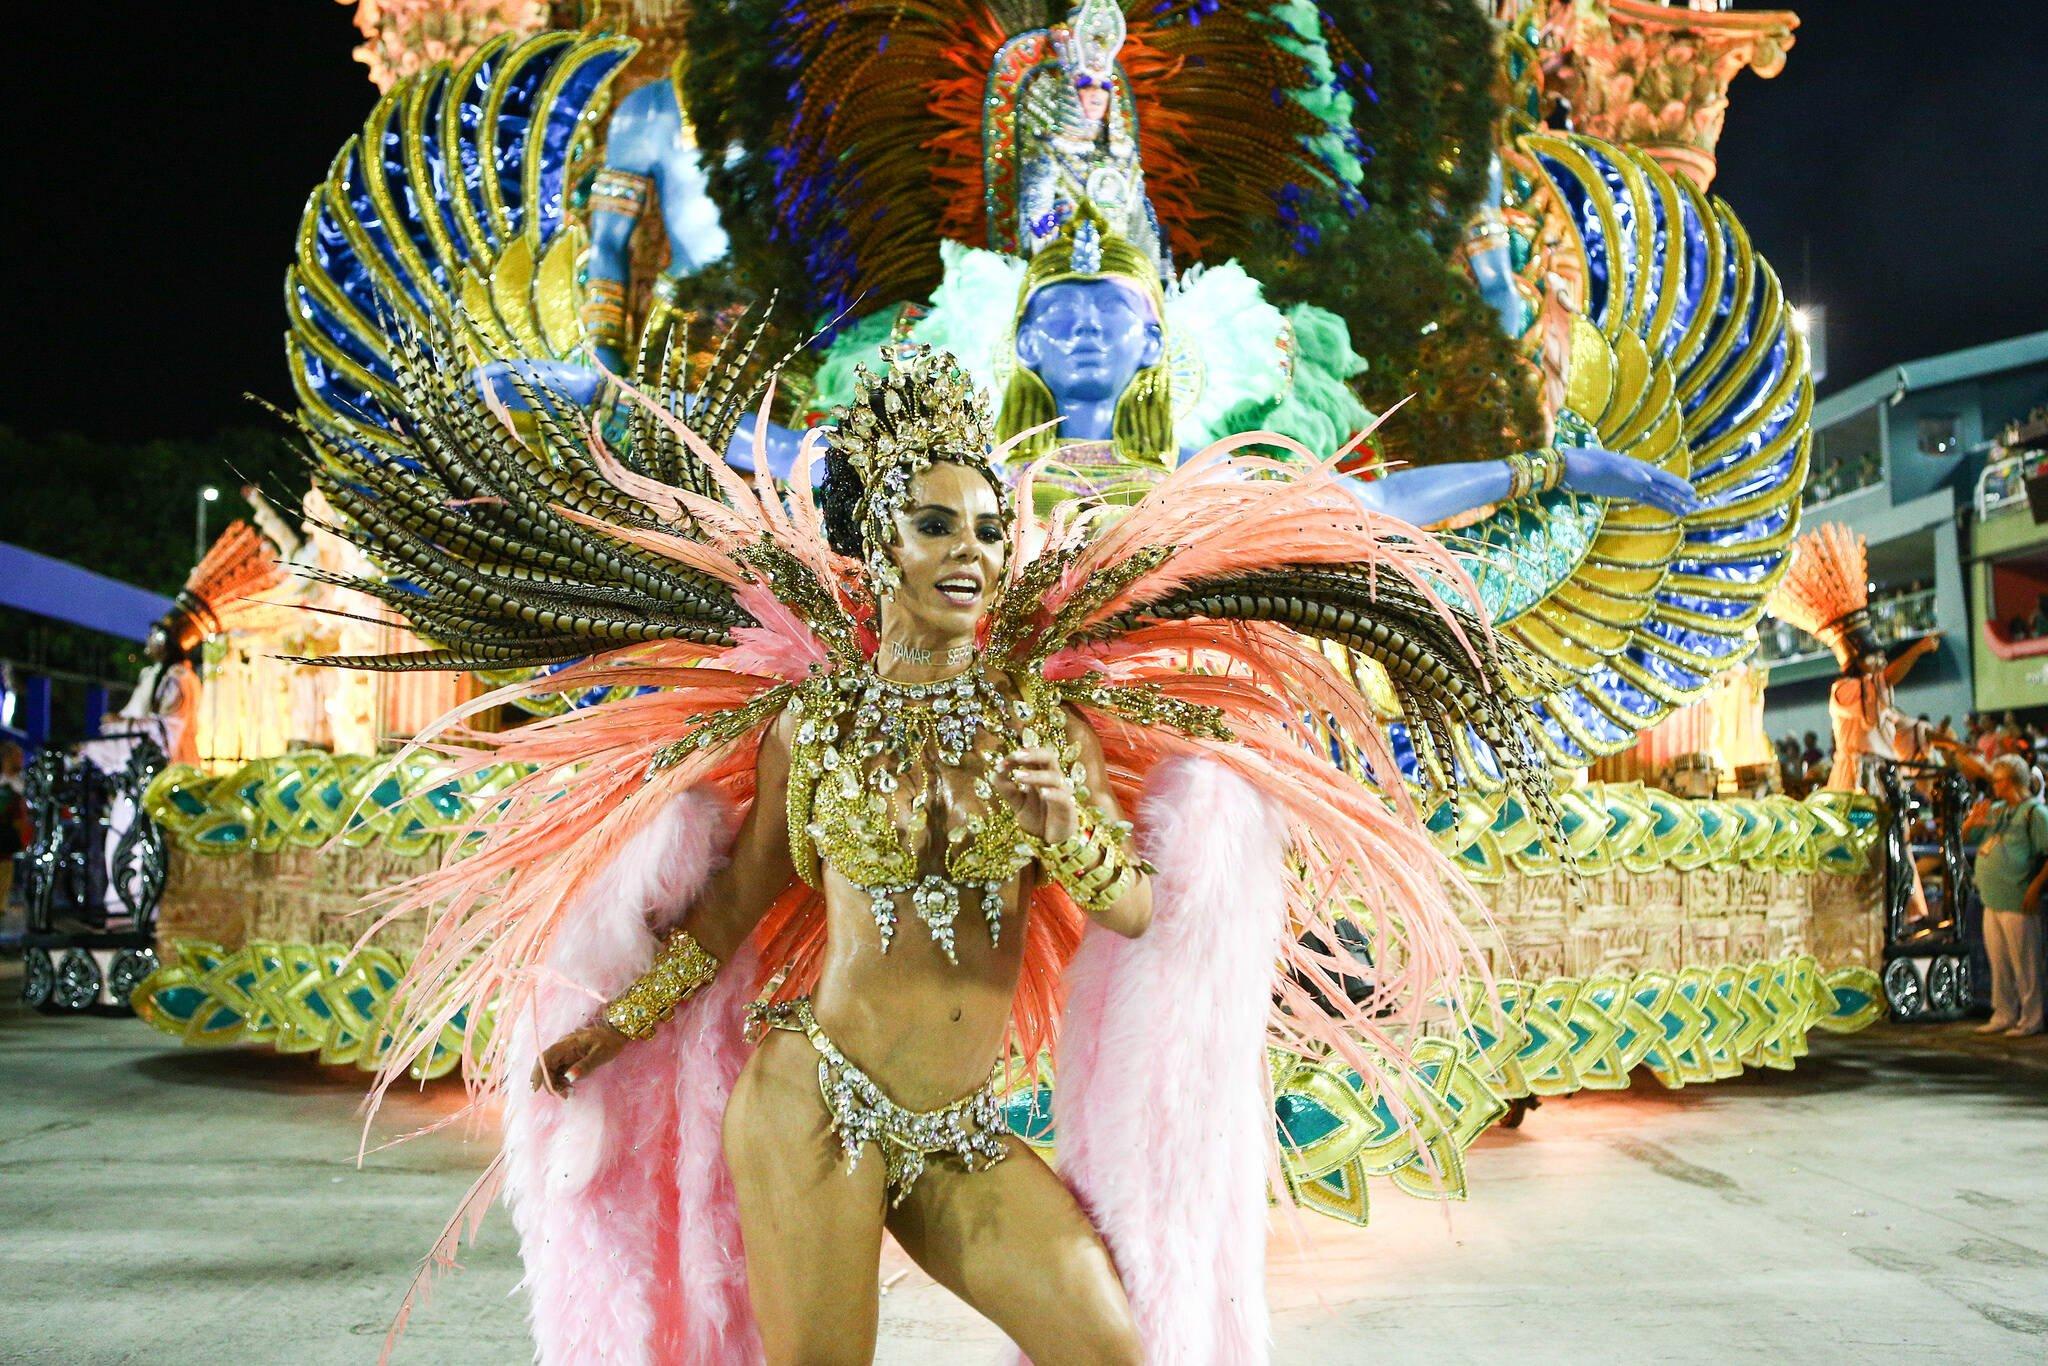 Destaque da Imperatriz Leopoldinense desfila na Sapucaí nesta segunda-feira (12). Foto: Riotur/divulgação